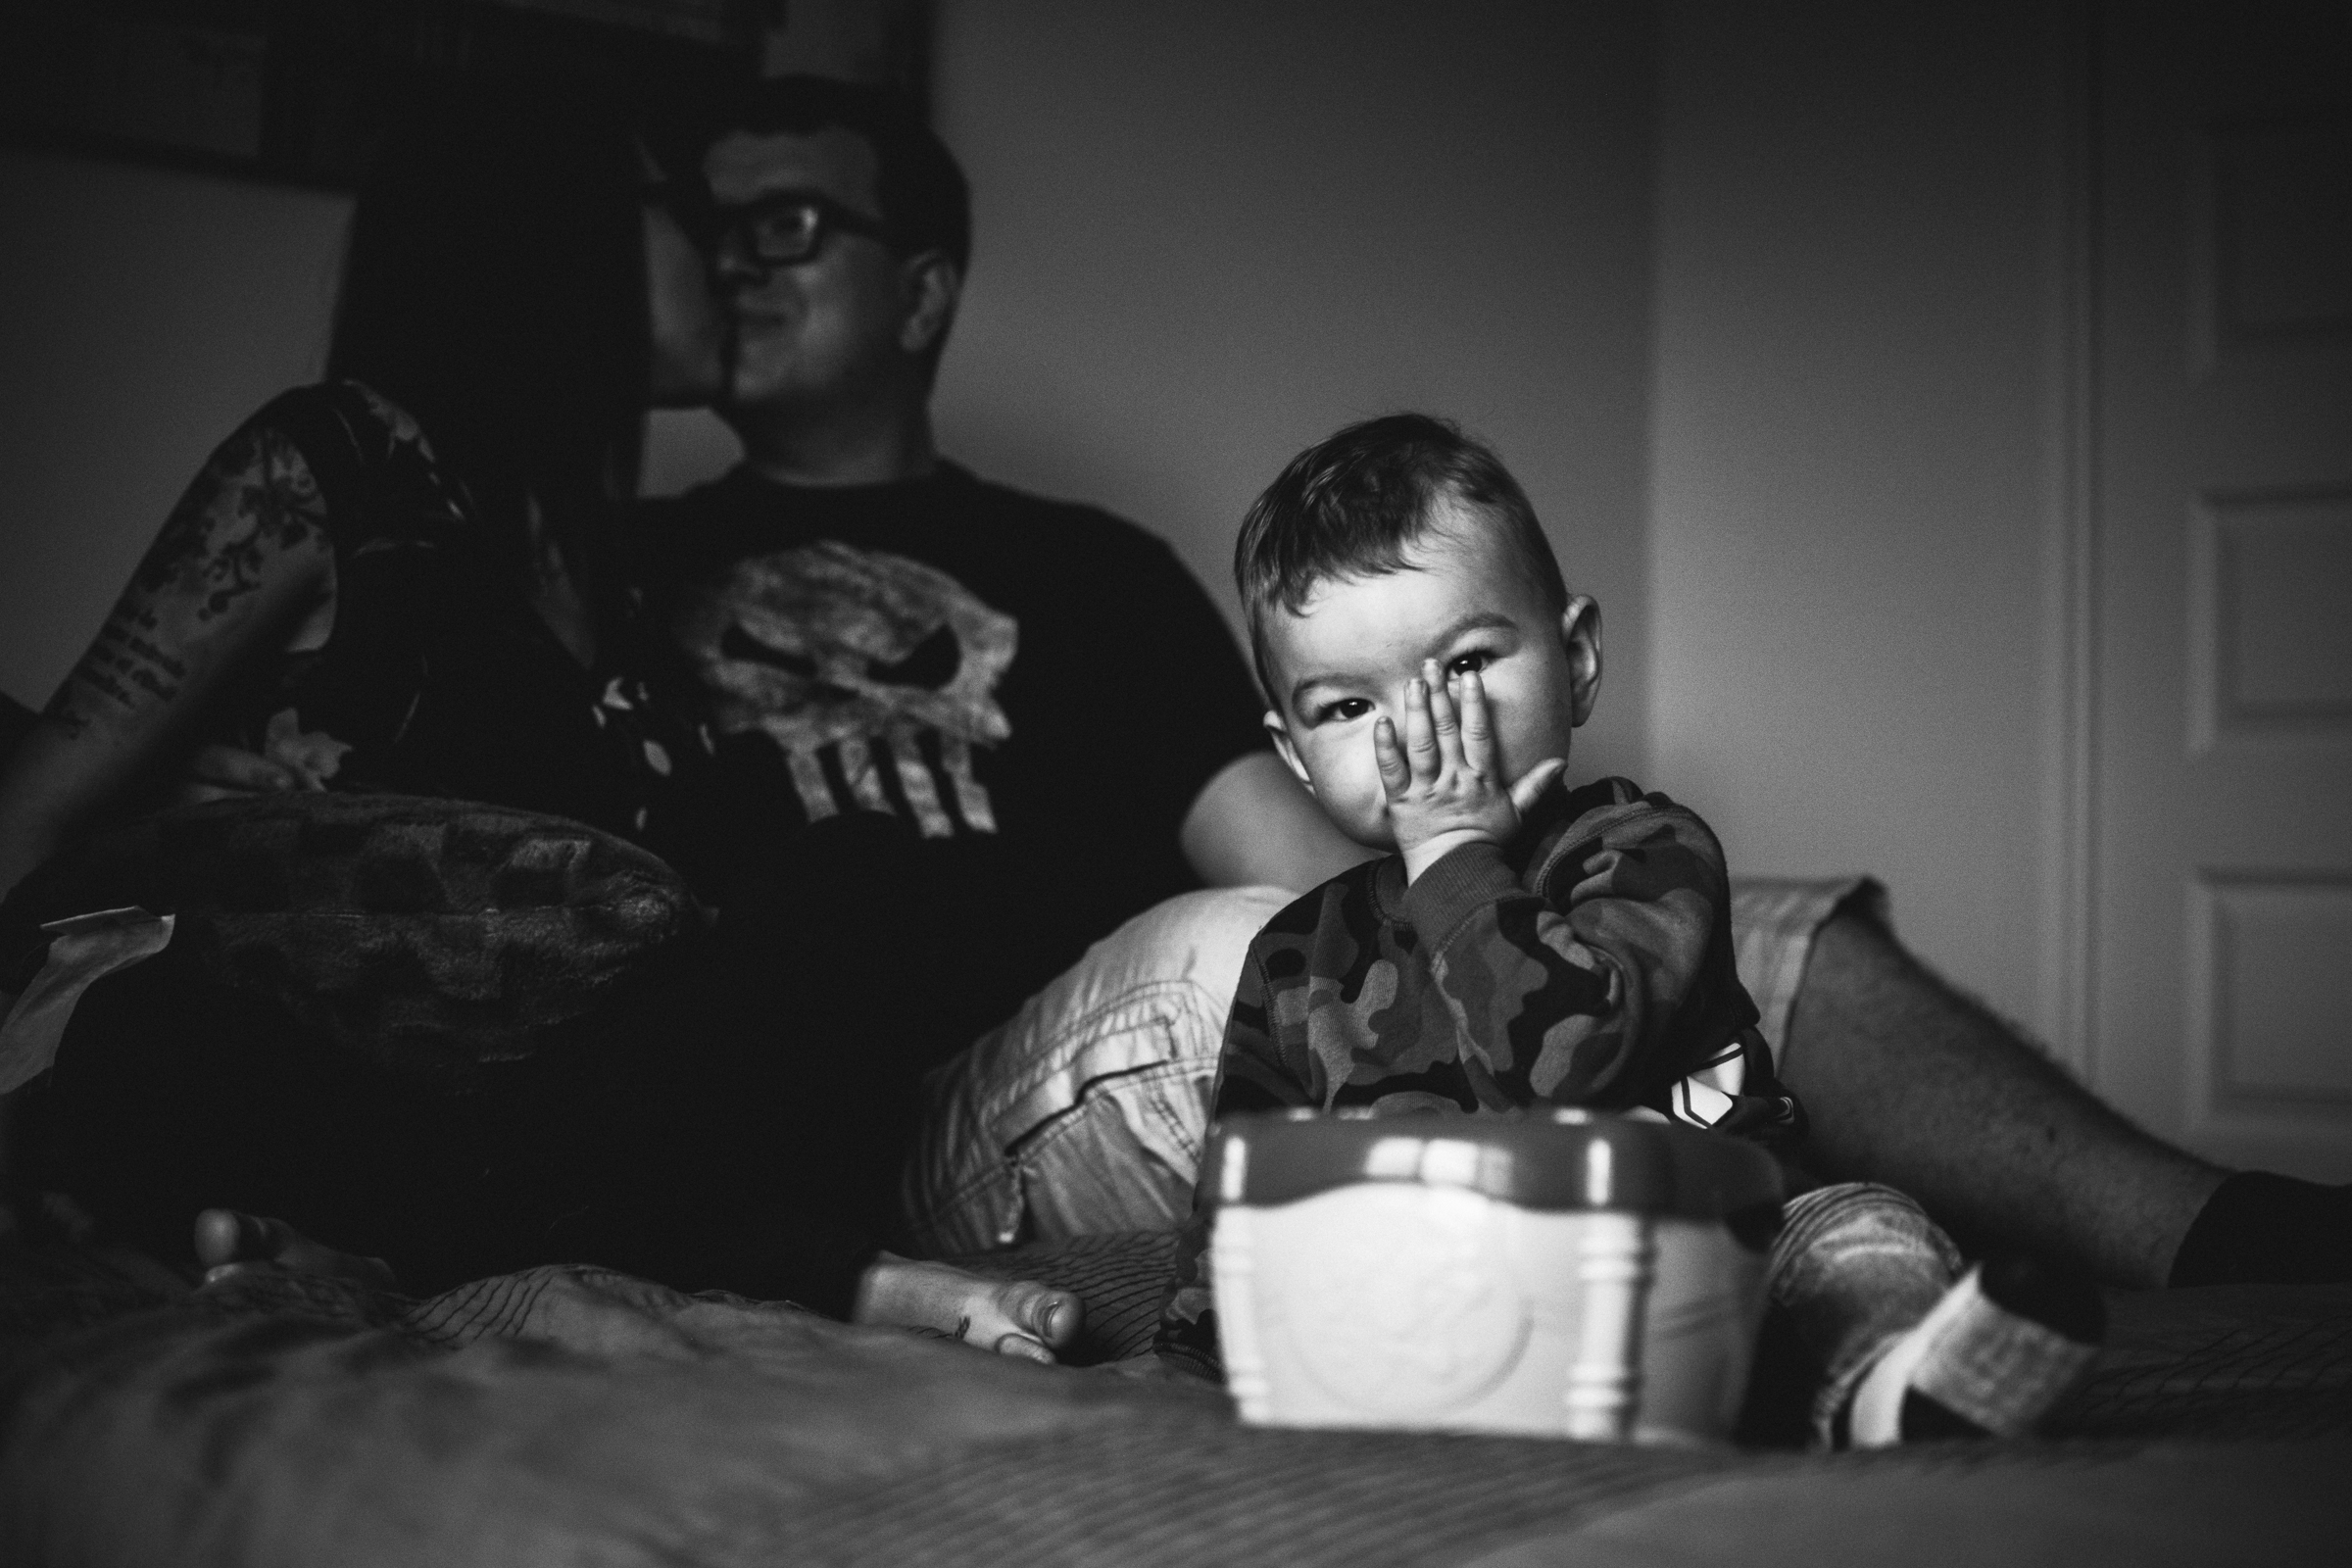 photo-noir-et-blanc-enfant-bisou-photographe-de-famille-a-domicile-montreal-victoriaville-enfant-lifestyle-40.jpg